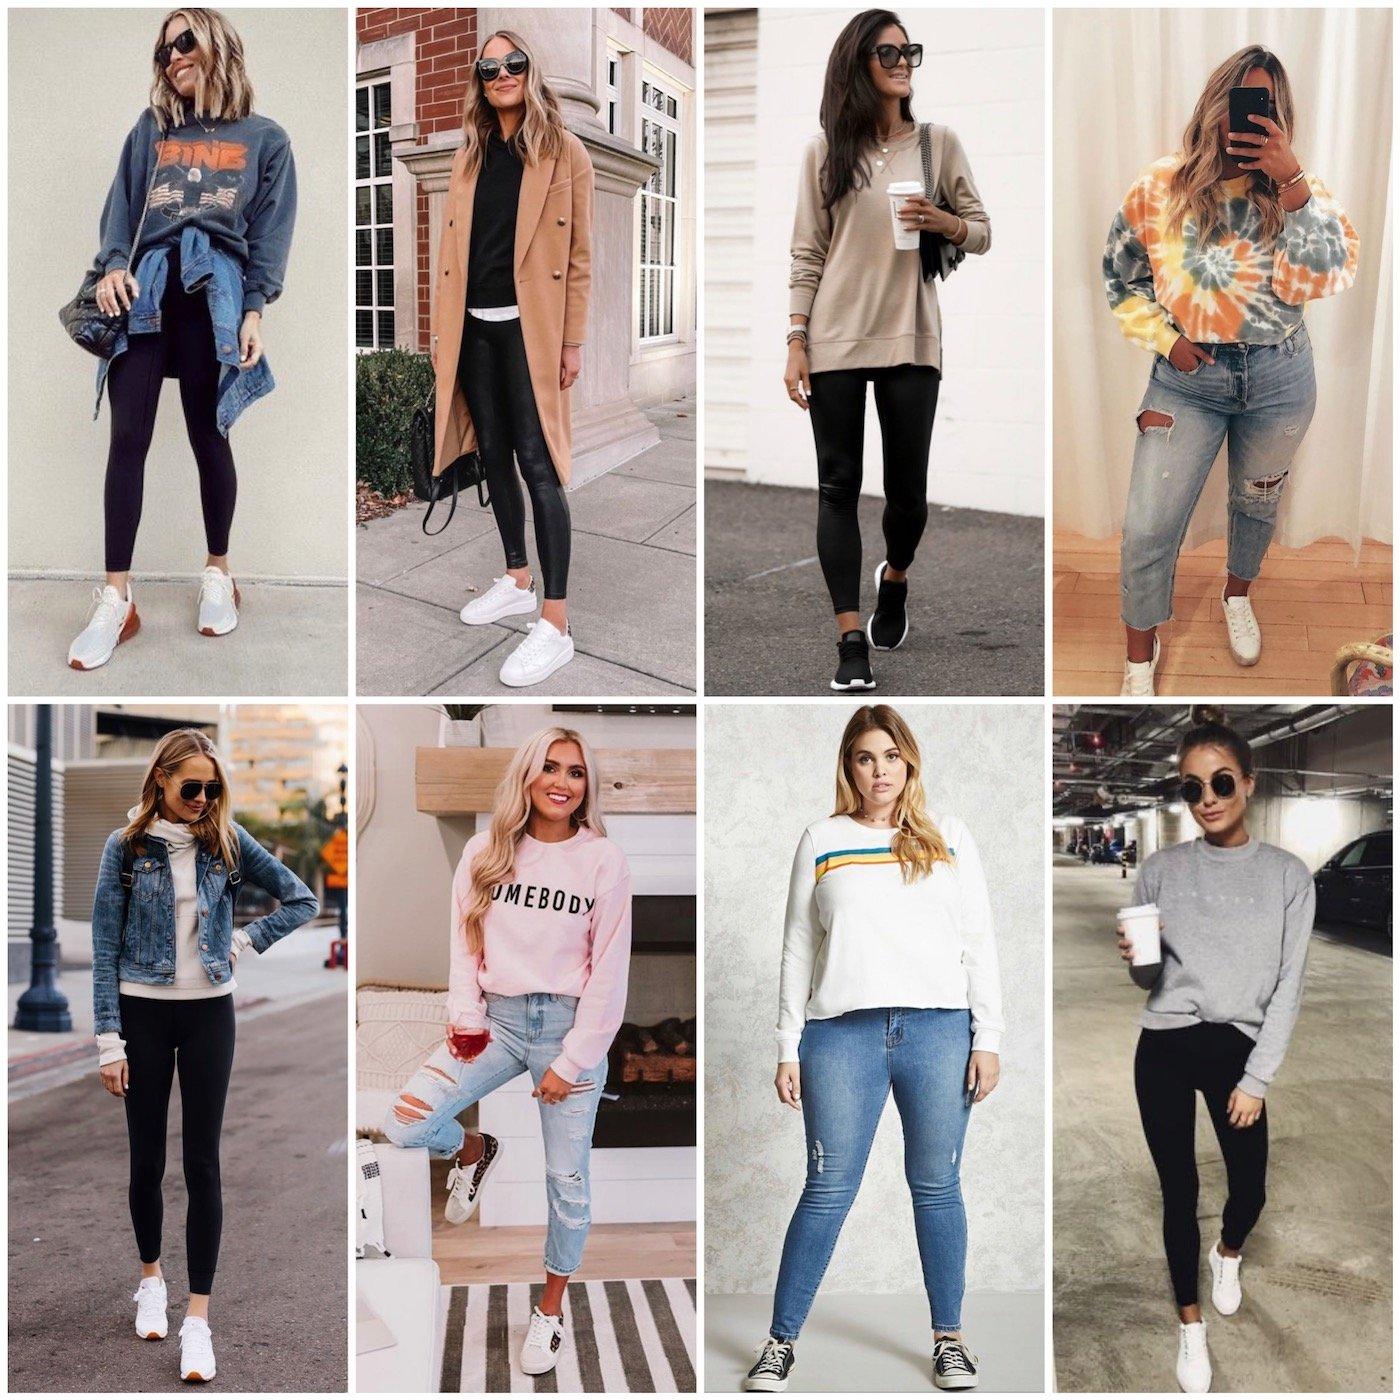 sweatshirts on other women